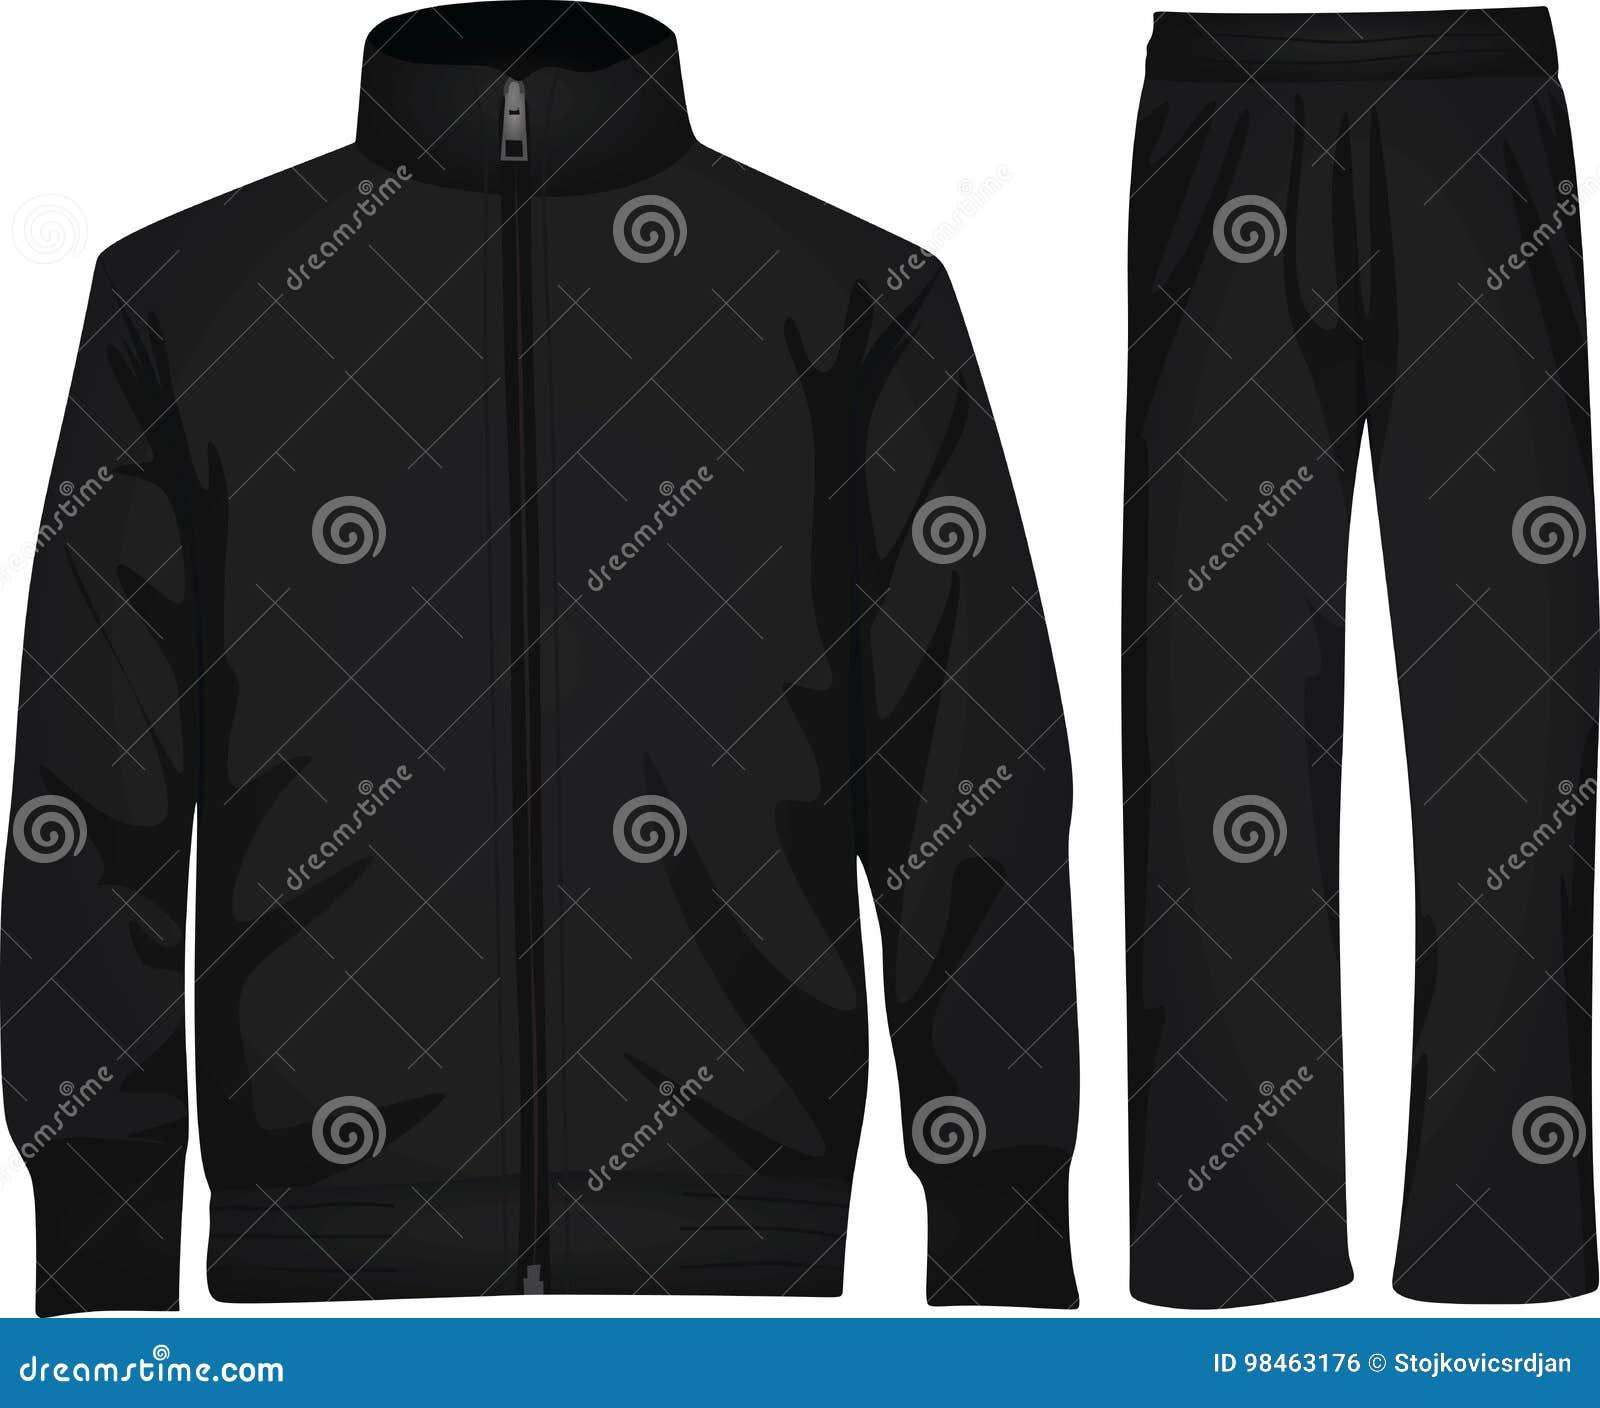 496af123f9fe Black tracksuit stock vector. Illustration of fabric - 98463176